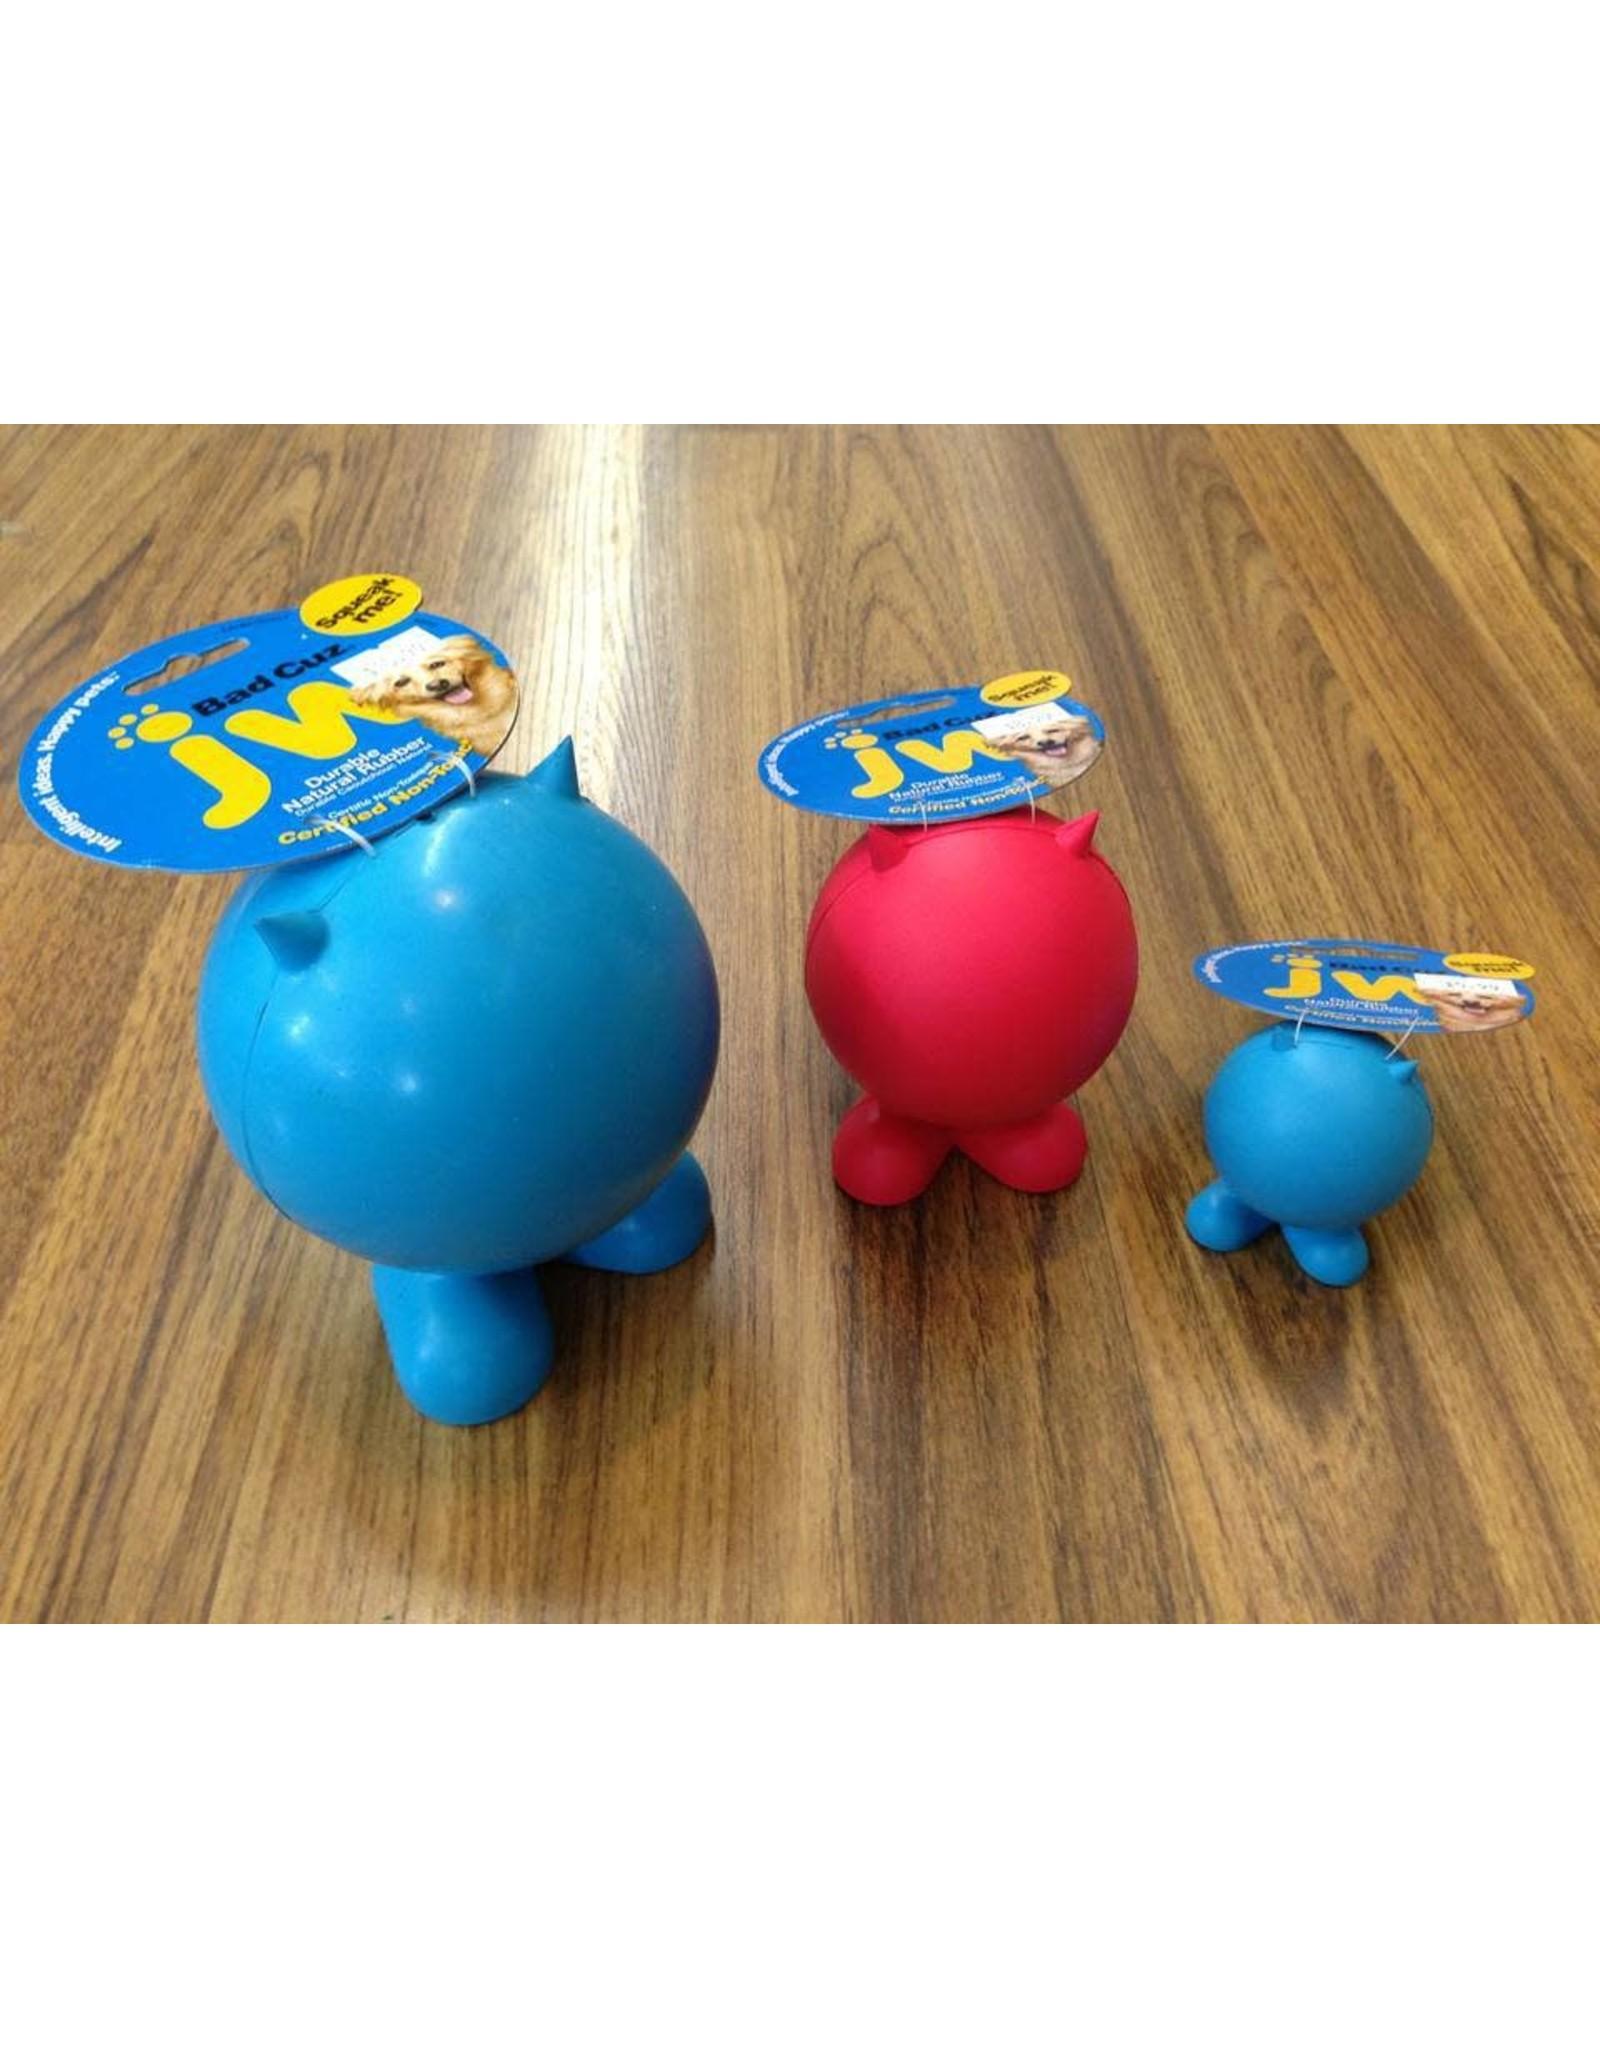 Lge Rub.Bad Cuz squeak dog toy